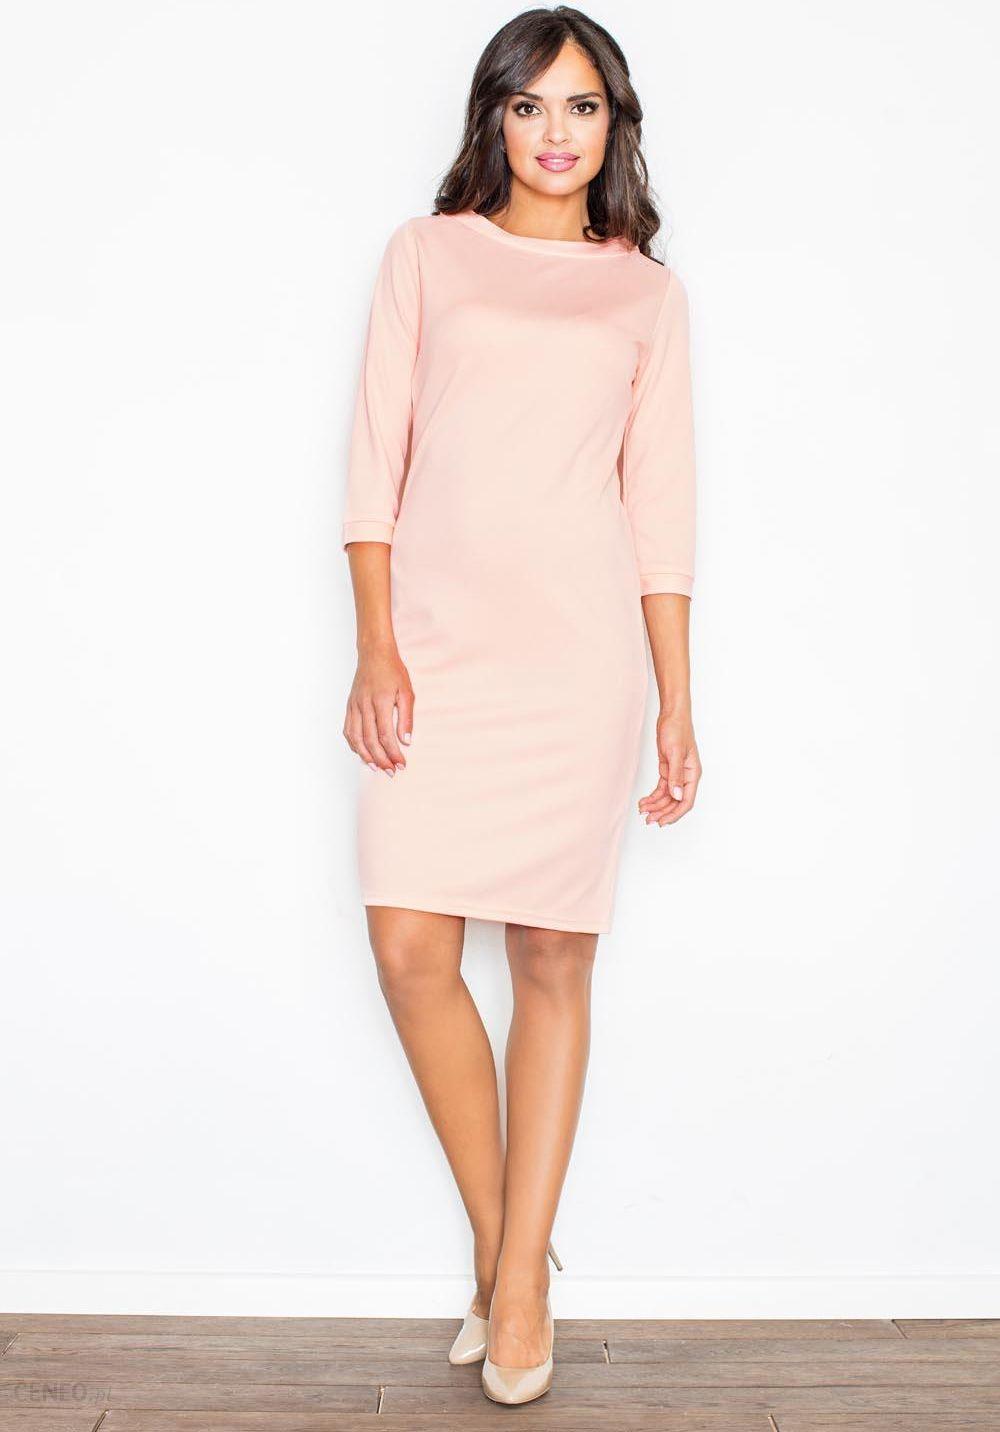 54e70e2d1c Figl Różowa Koktajlowa Sukienka z Rękawem 3 4 - Ceny i opinie - Ceneo.pl